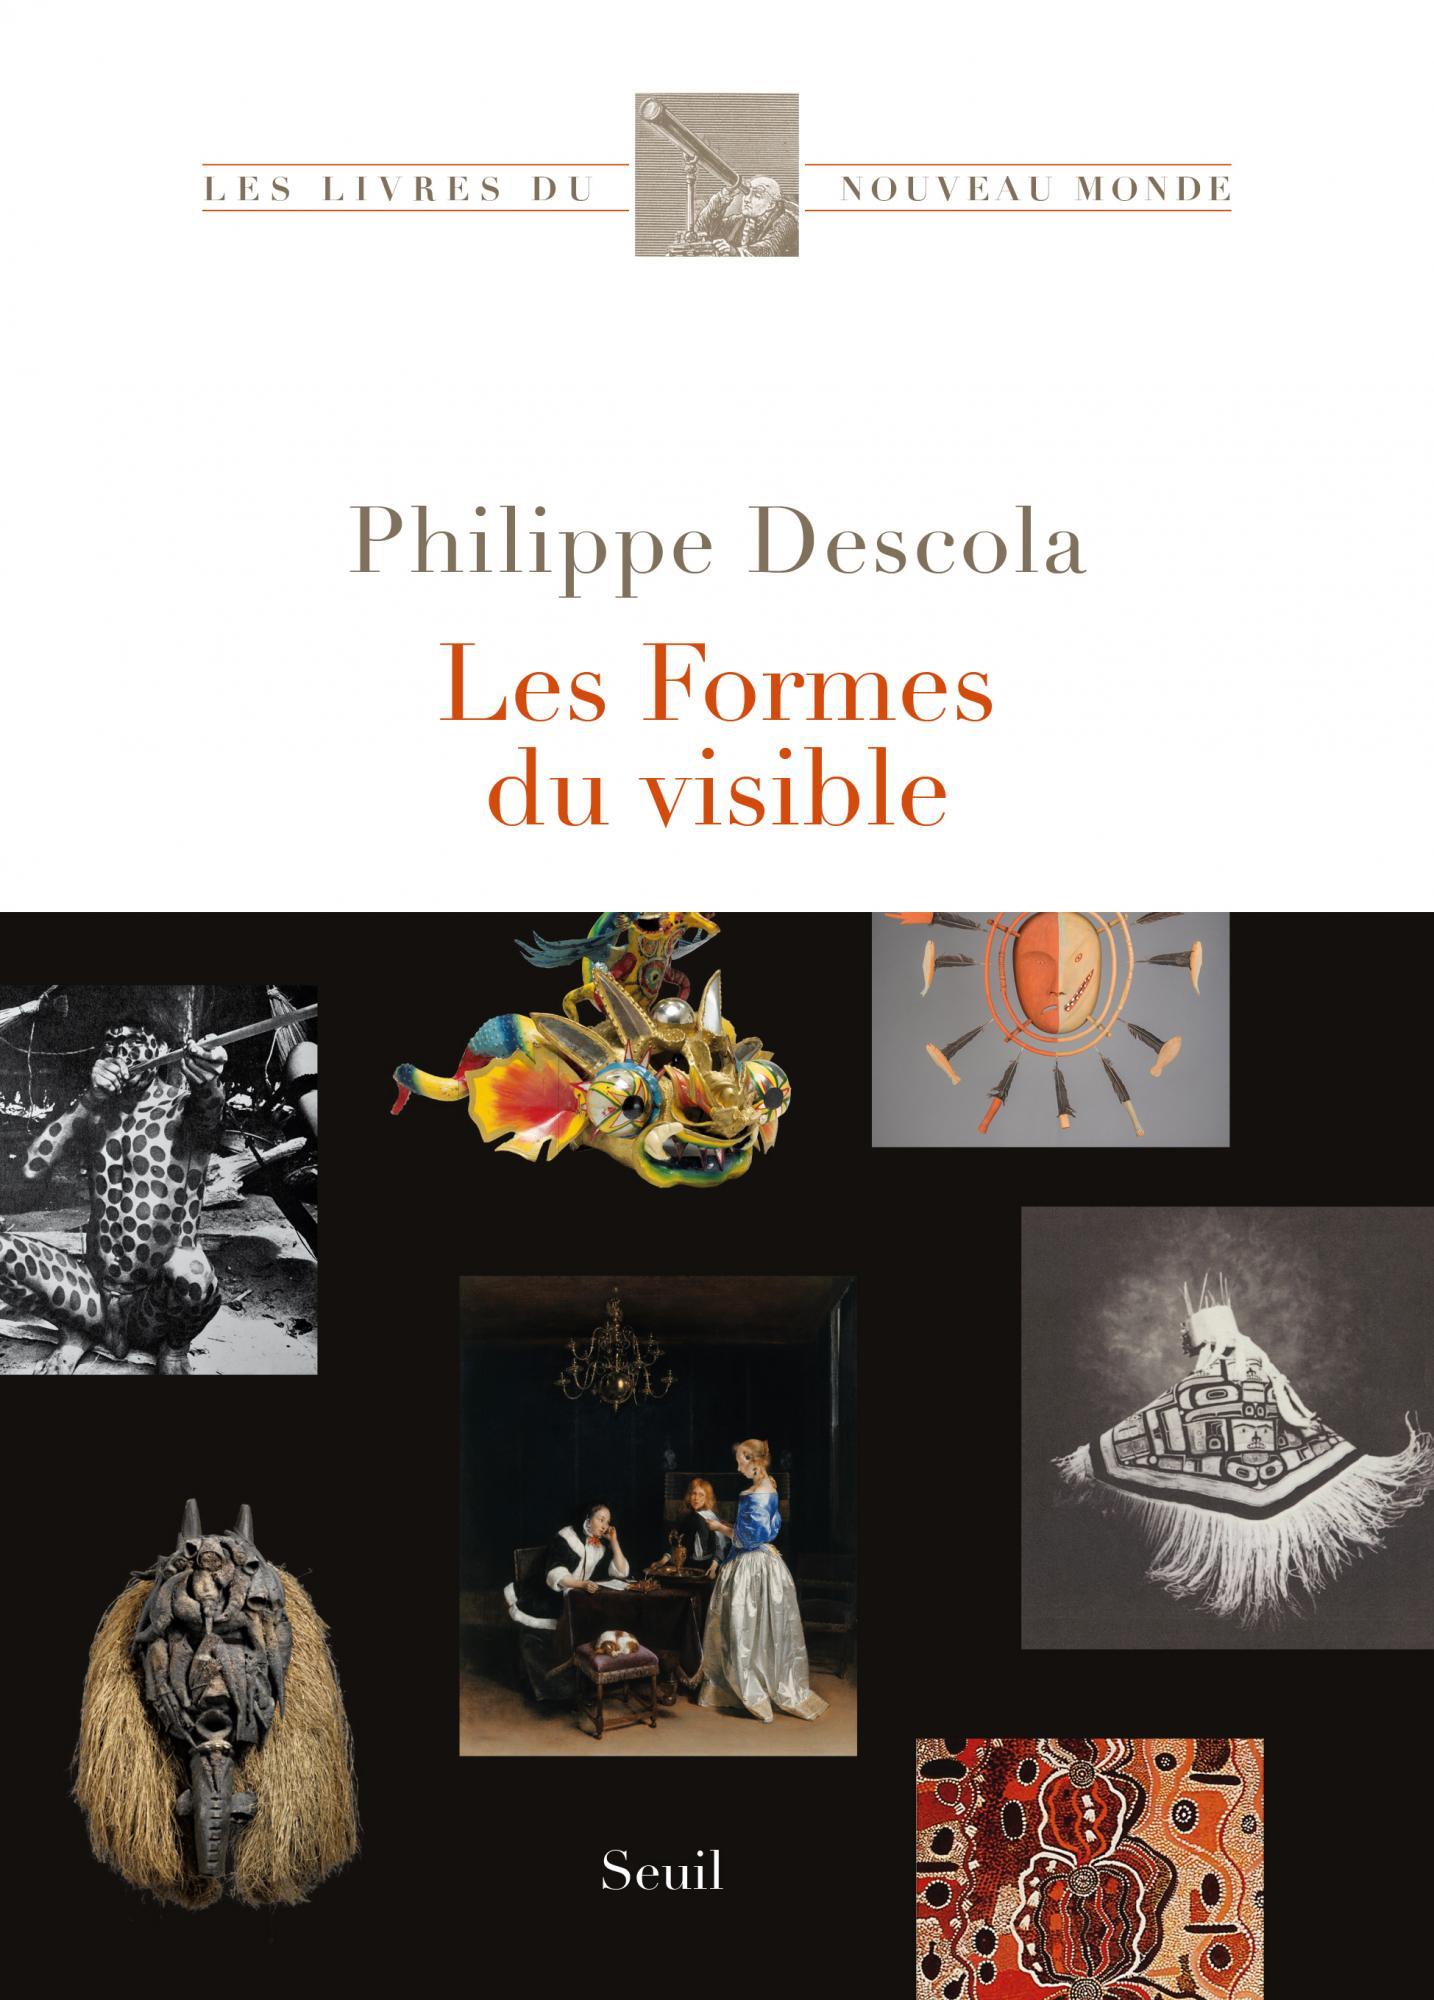 Ph. Descola, Les formes du visible